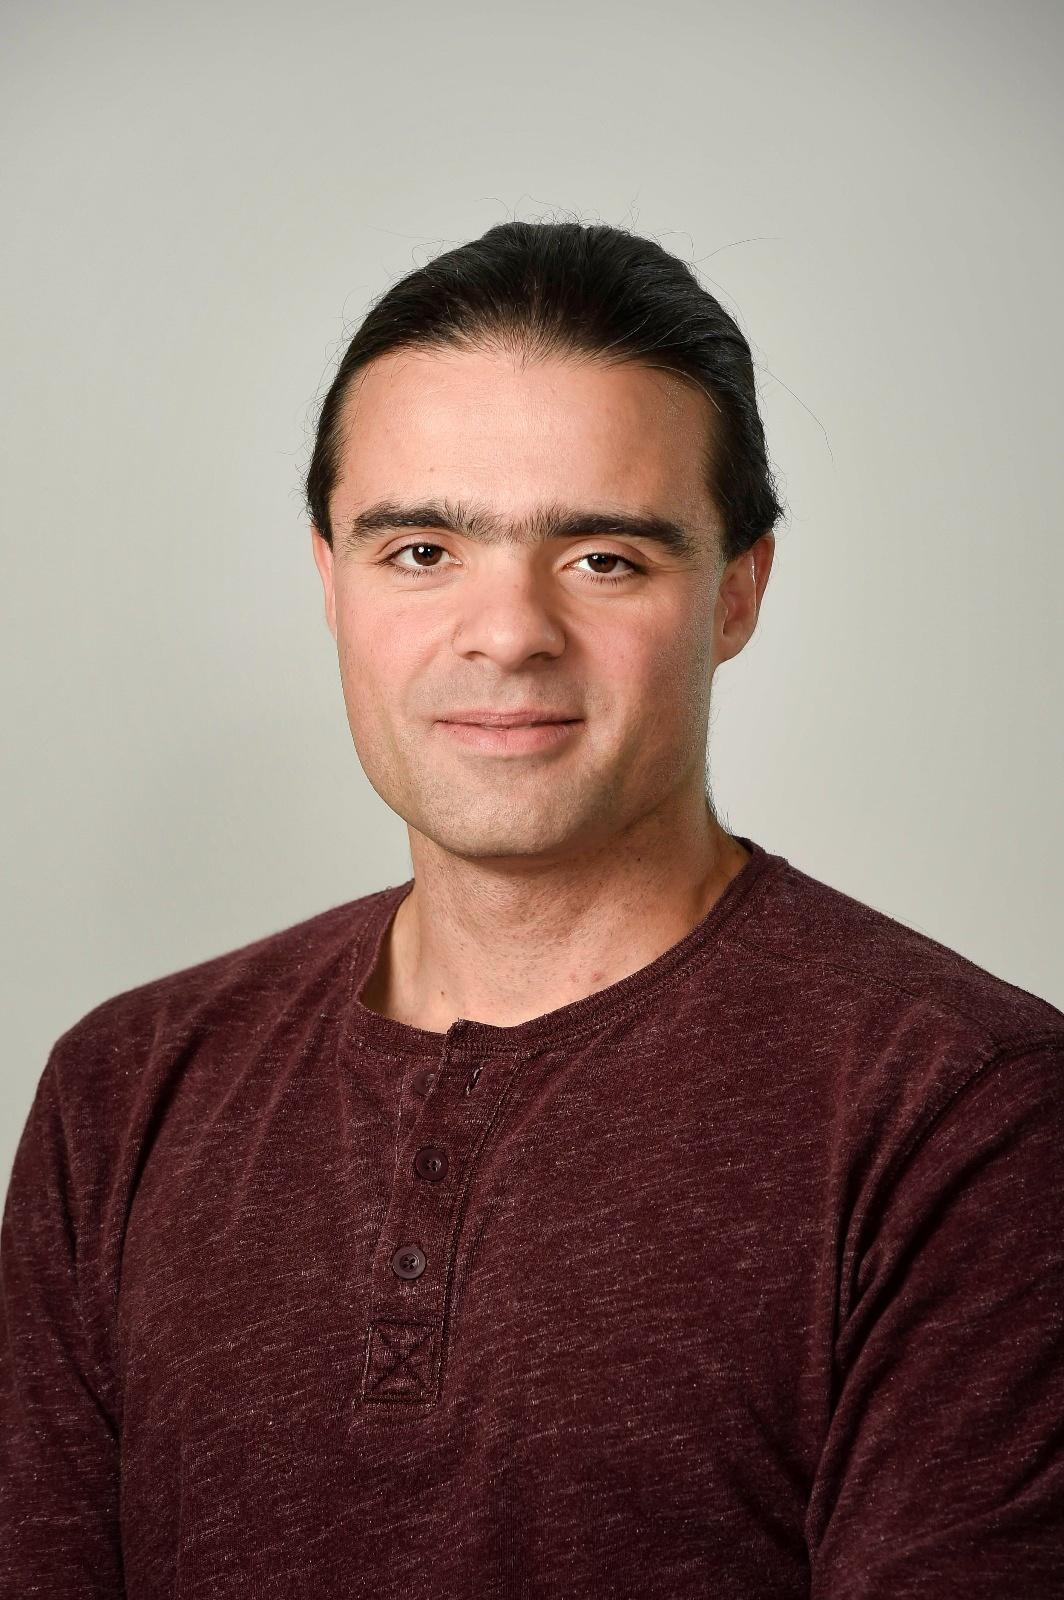 Miguel Peon Quiros